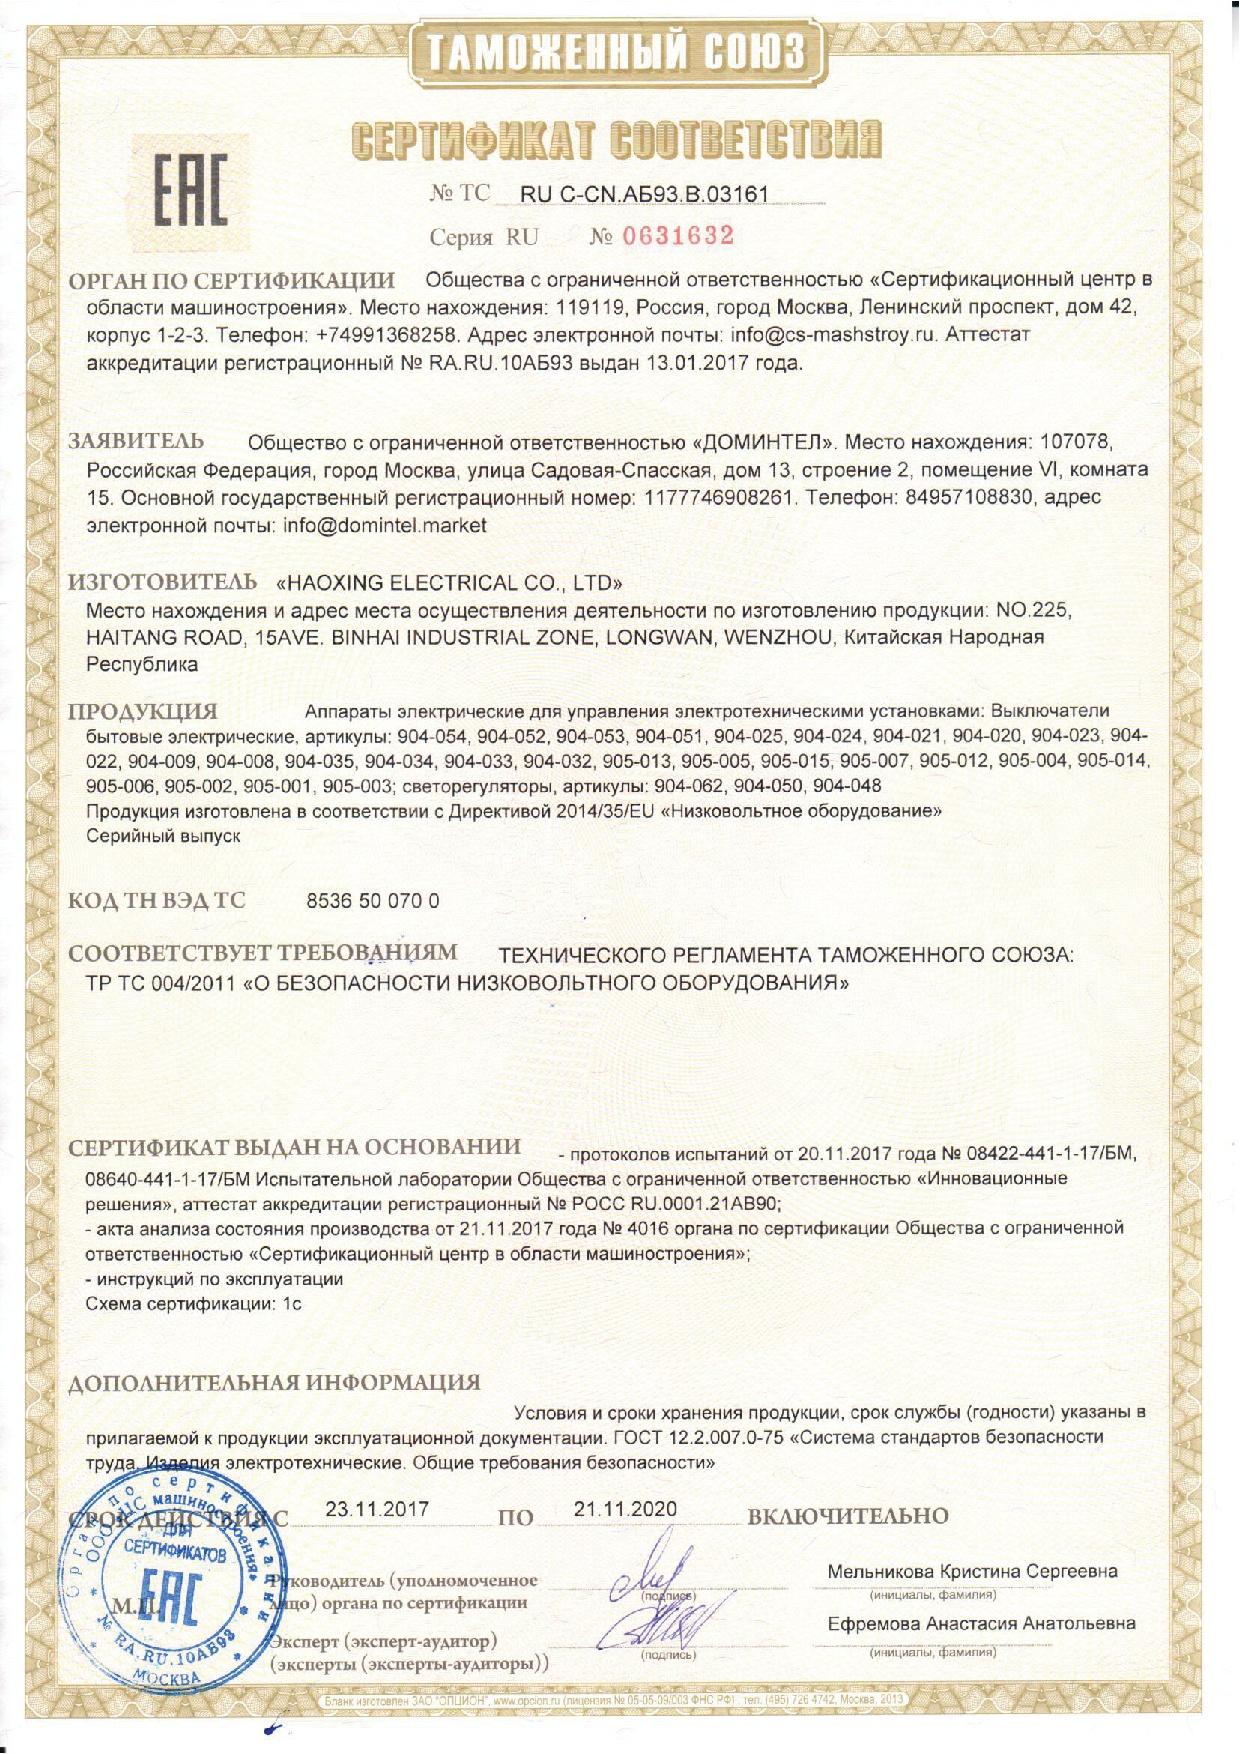 RUS-CN.AB93.V.03161.jpg